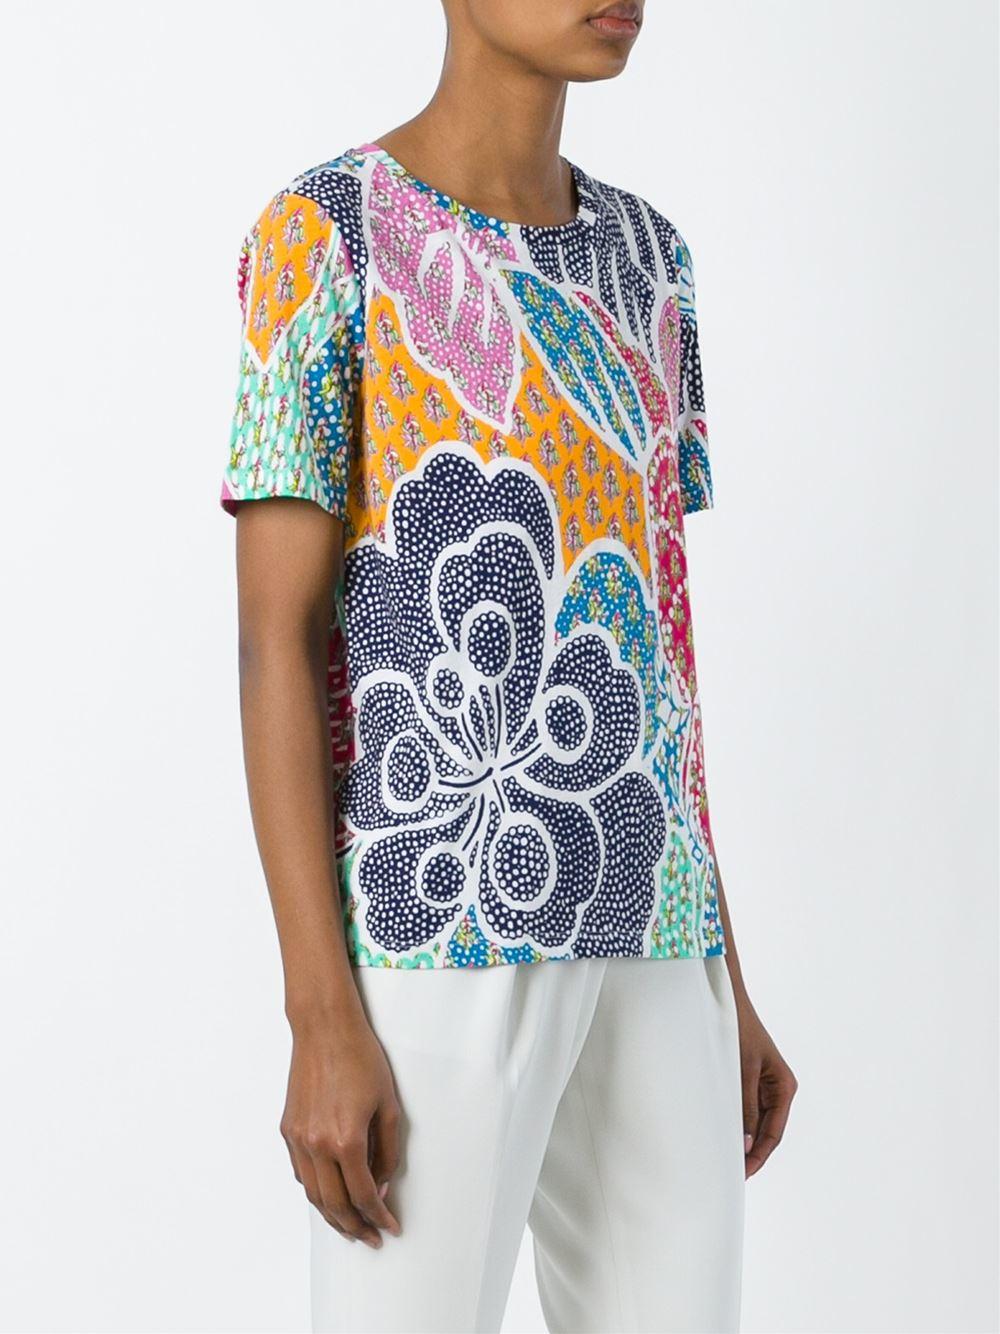 Diane von furstenberg printed t shirt lyst for Diane von furstenberg shirt